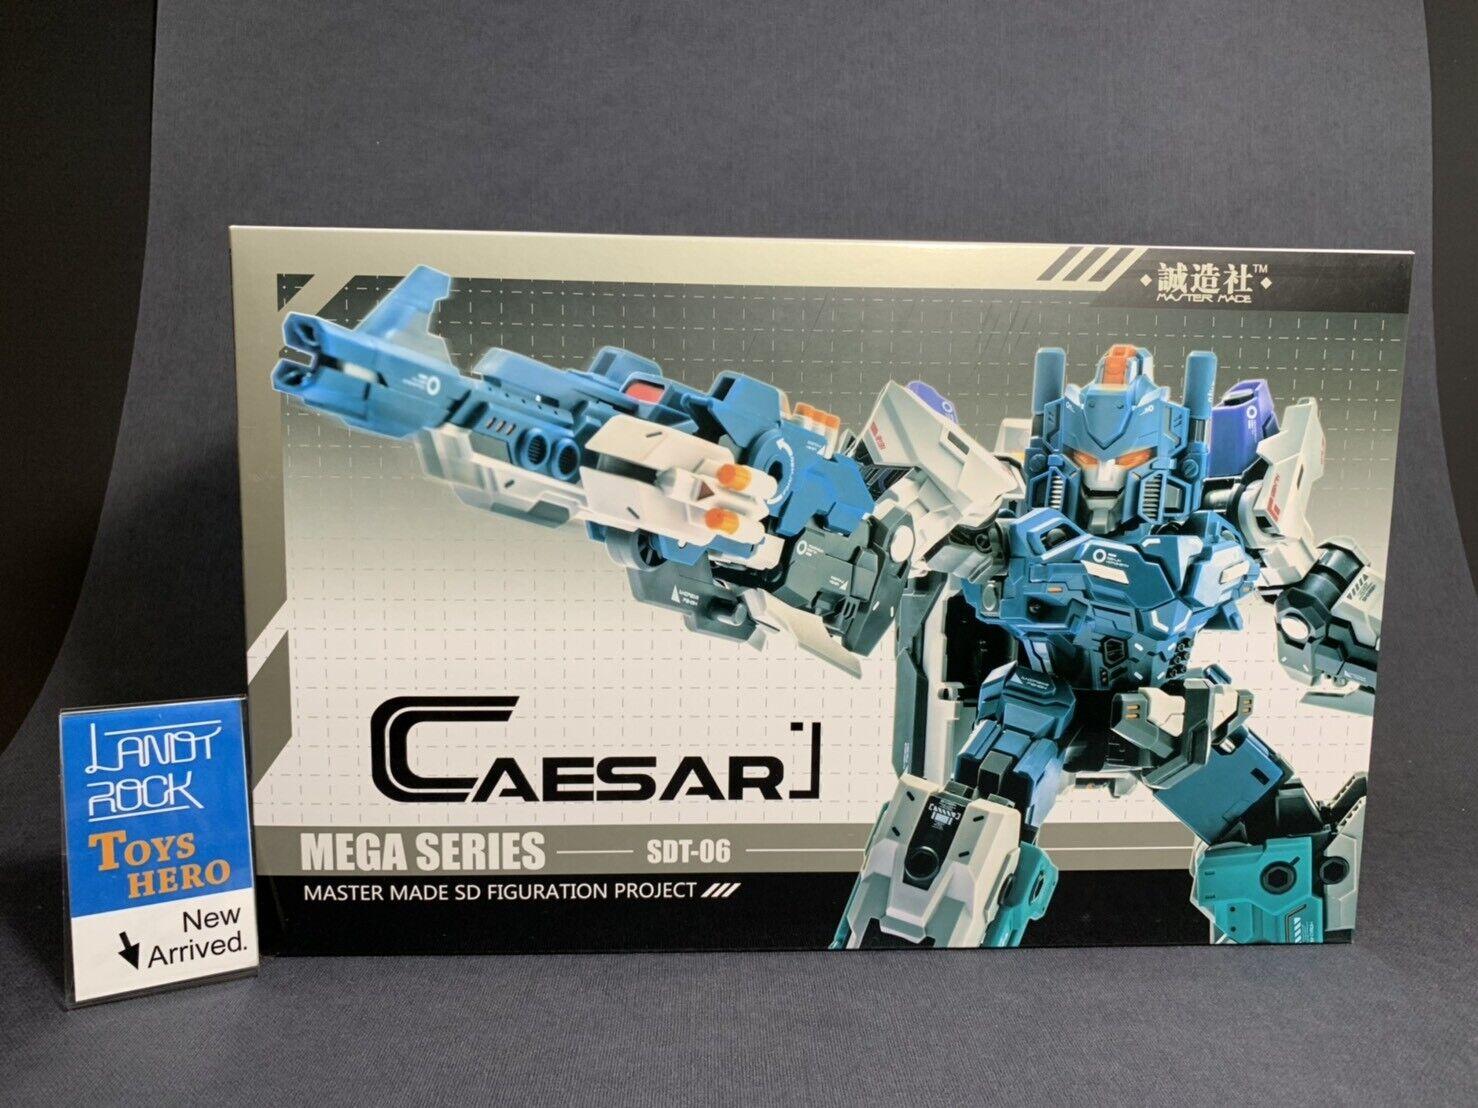 [giocattoli Hero]  In He Transformers Master fatto SDT-06 Caesar  fino al 60% di sconto